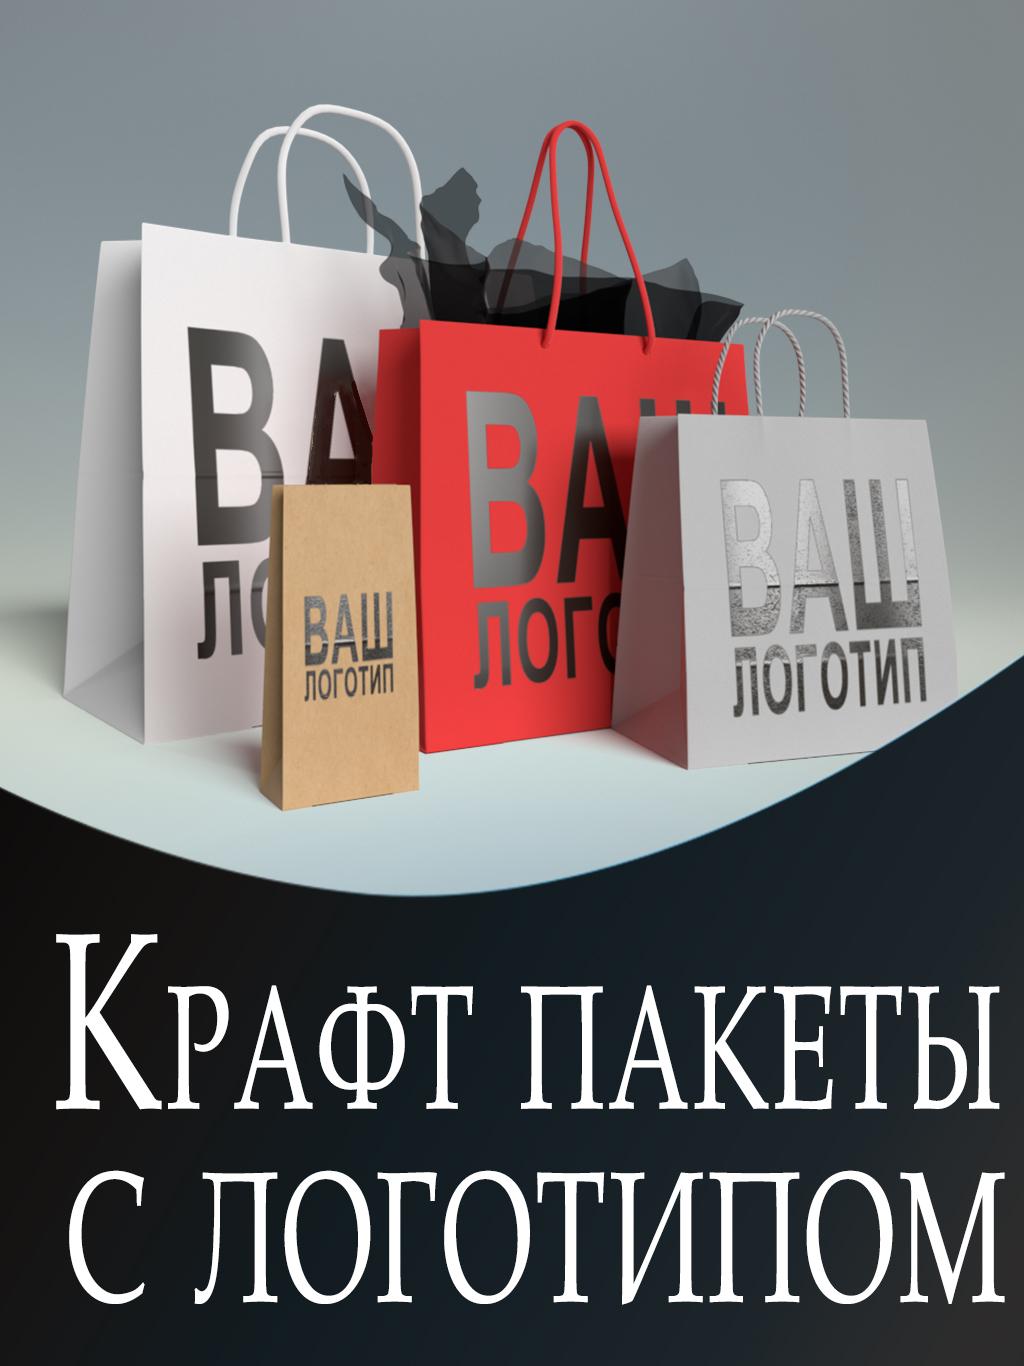 Купить крафт пакеты в Хабаровске